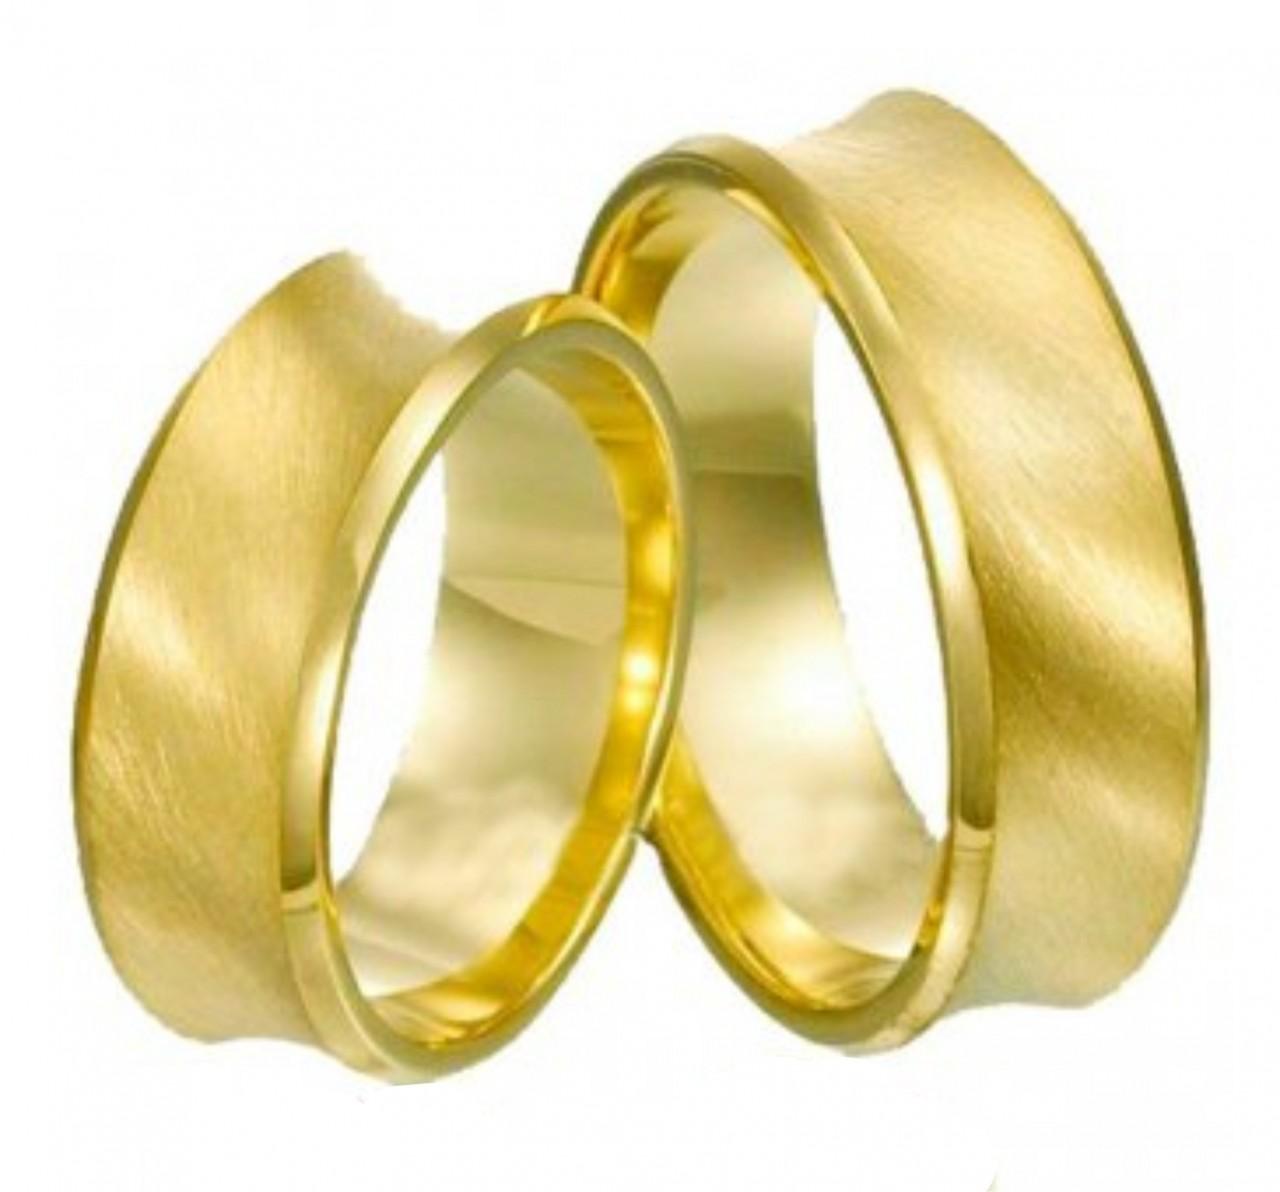 d42ebe4a0b2da Par de aliança ouro 18k¹ - O Garimpo - vitrine online